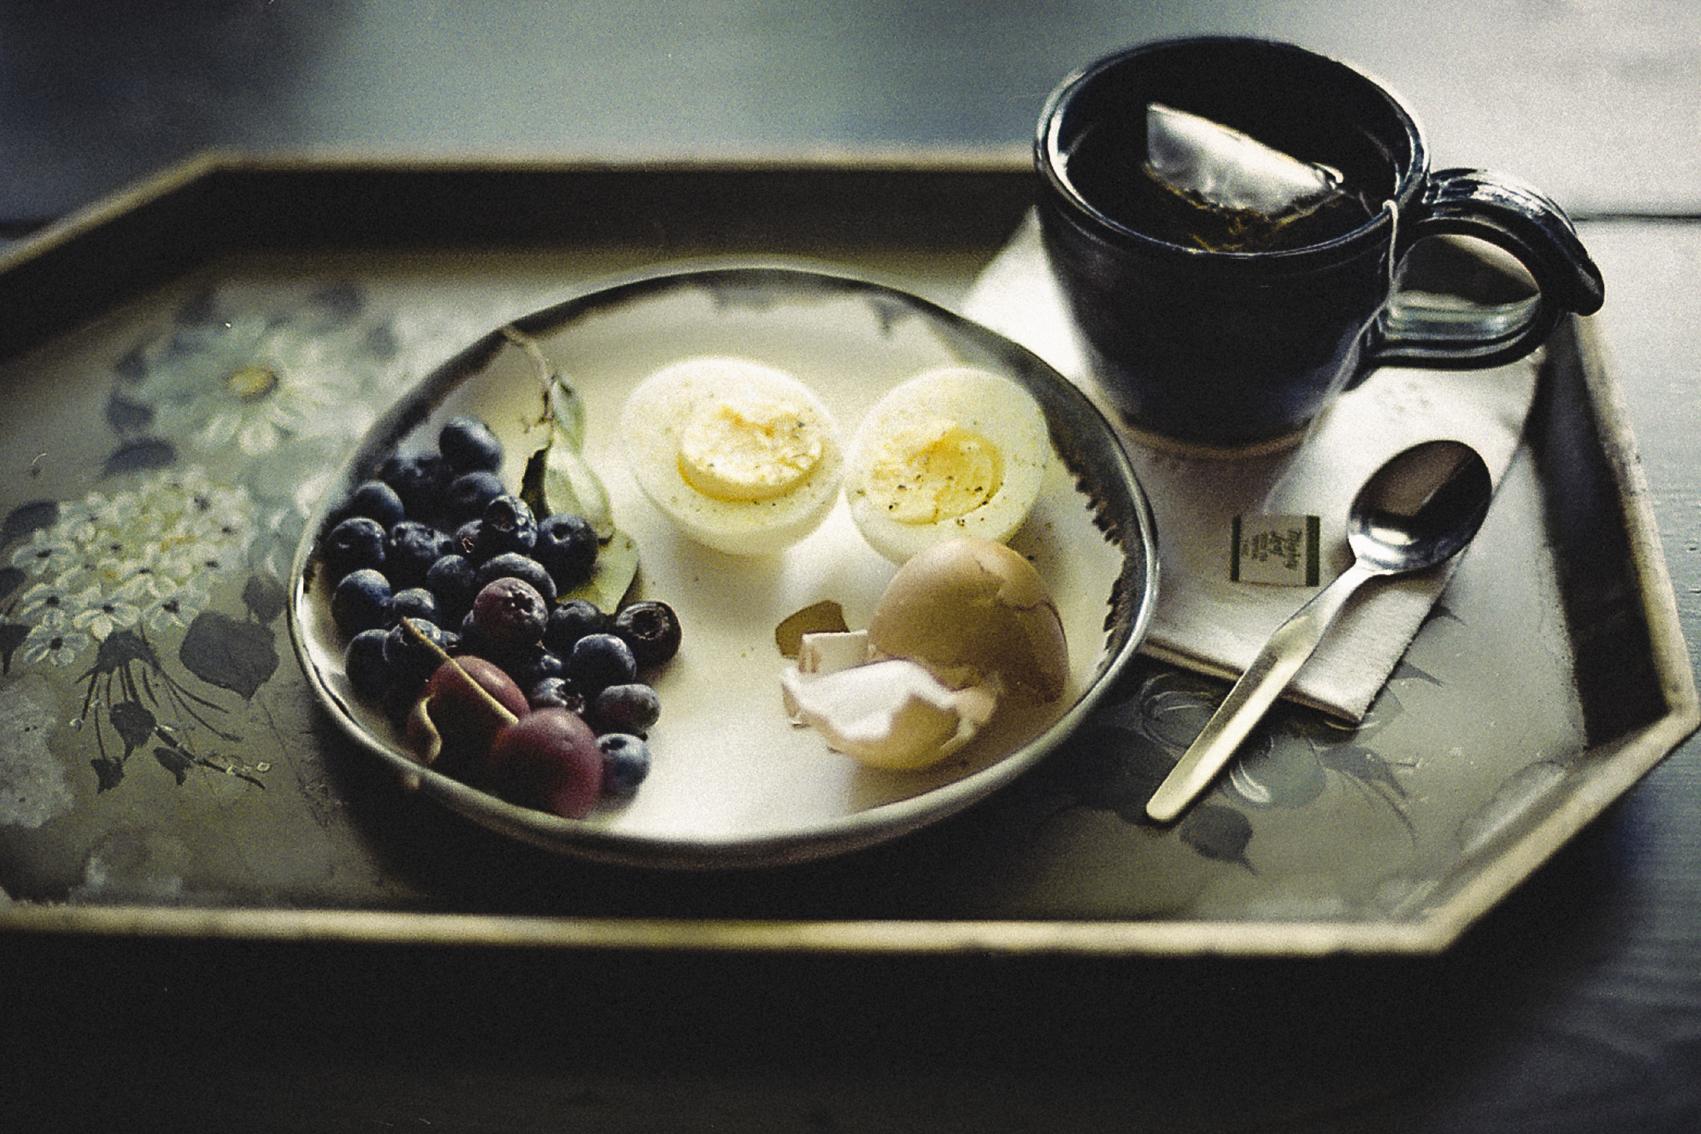 Breakfast_onTray.jpg